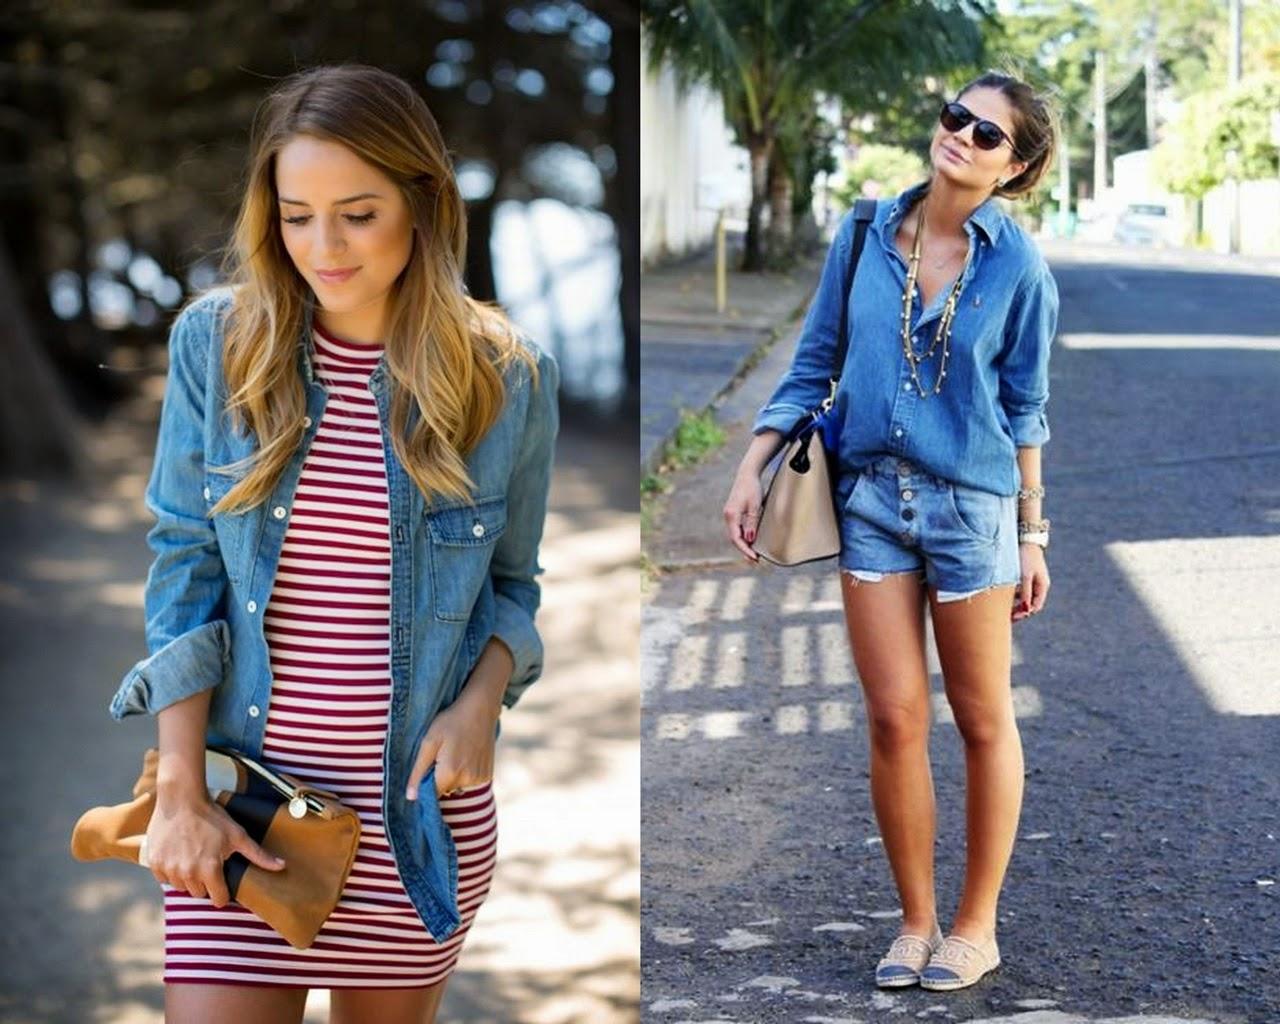 Gömlek Elbise Nasıl Giyilir